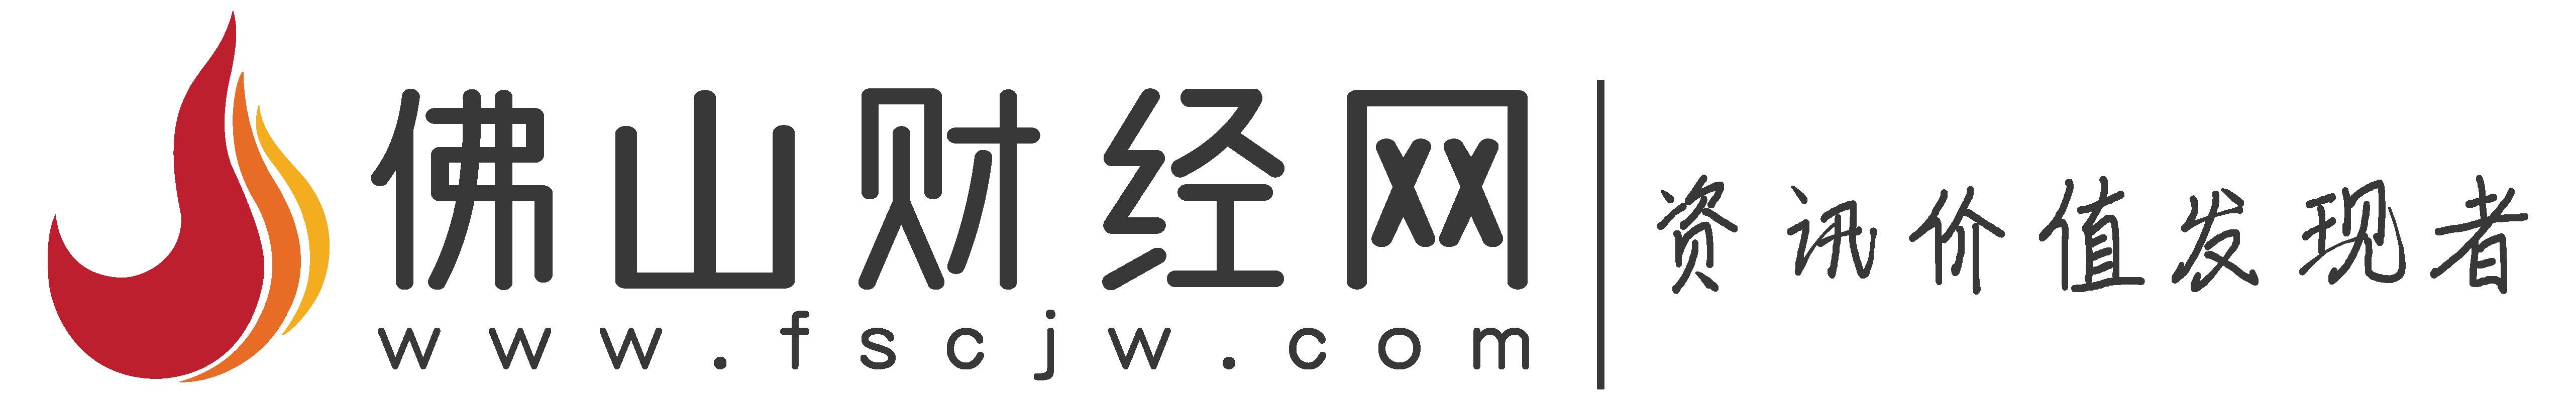 佛山财经网